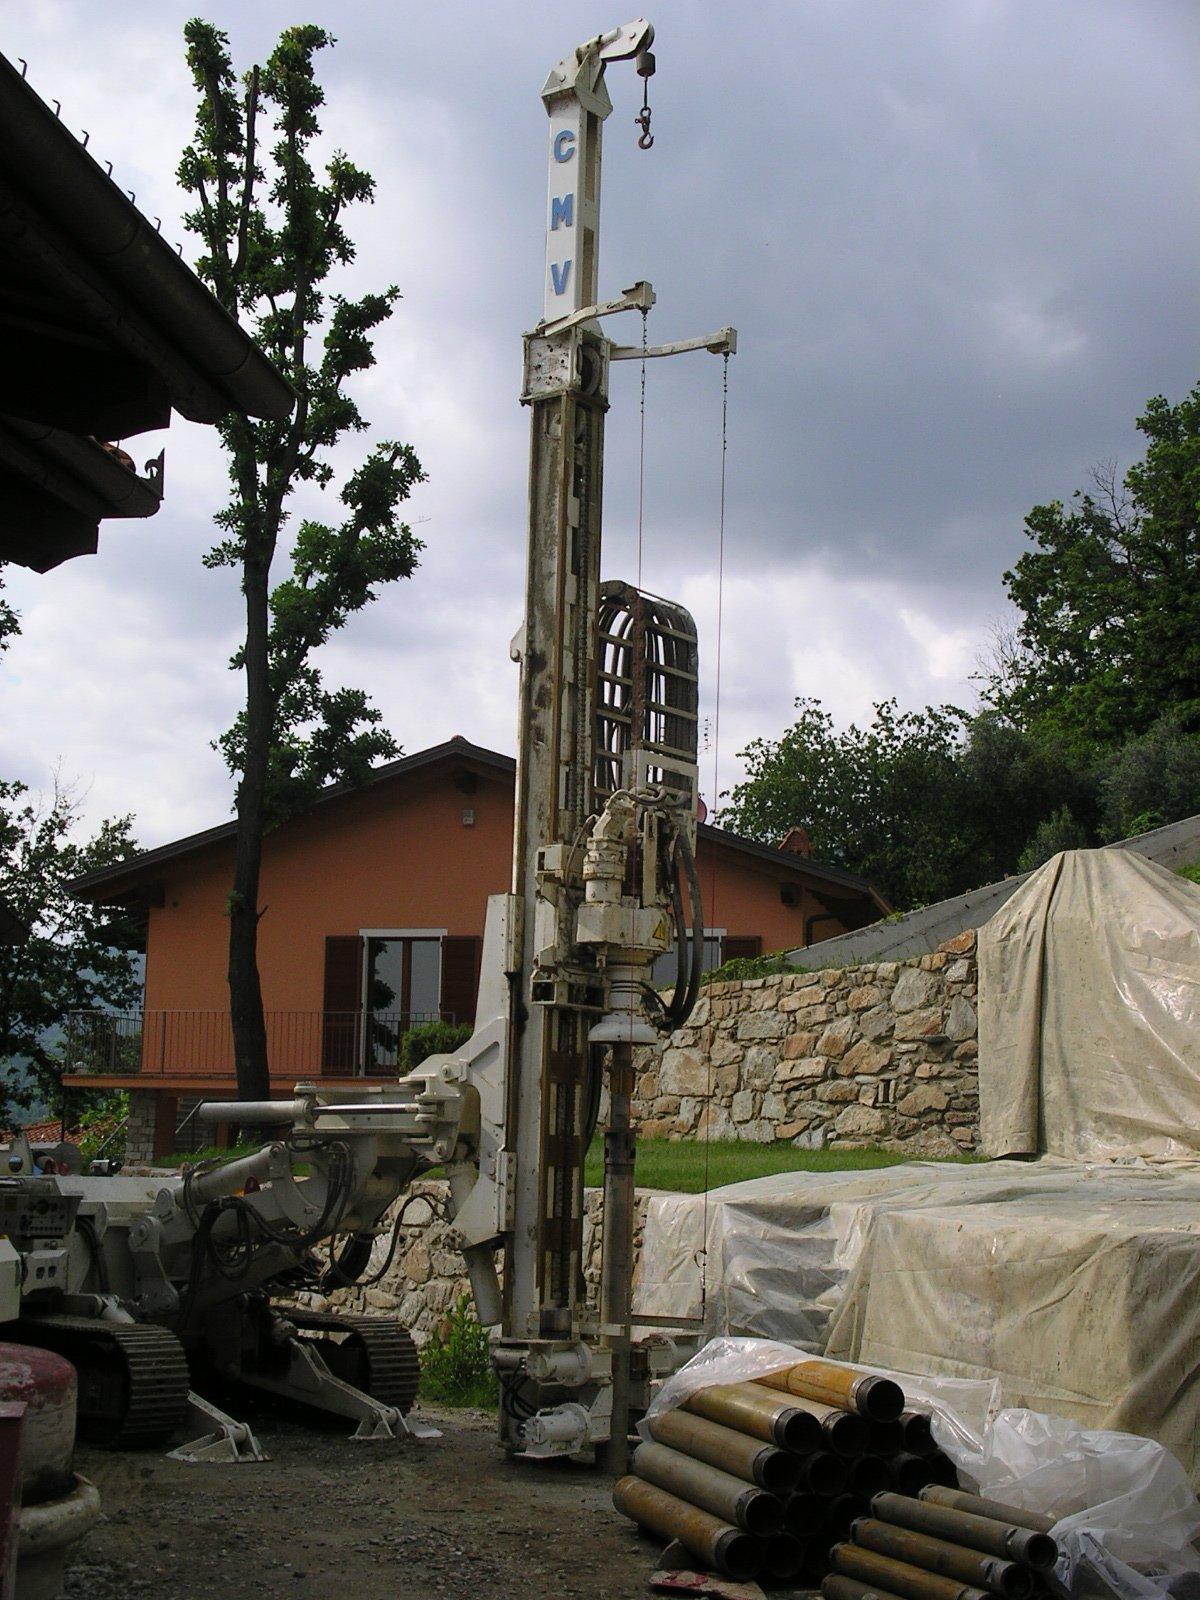 macchinario a marchio CMV con materiali edili in un cantiere